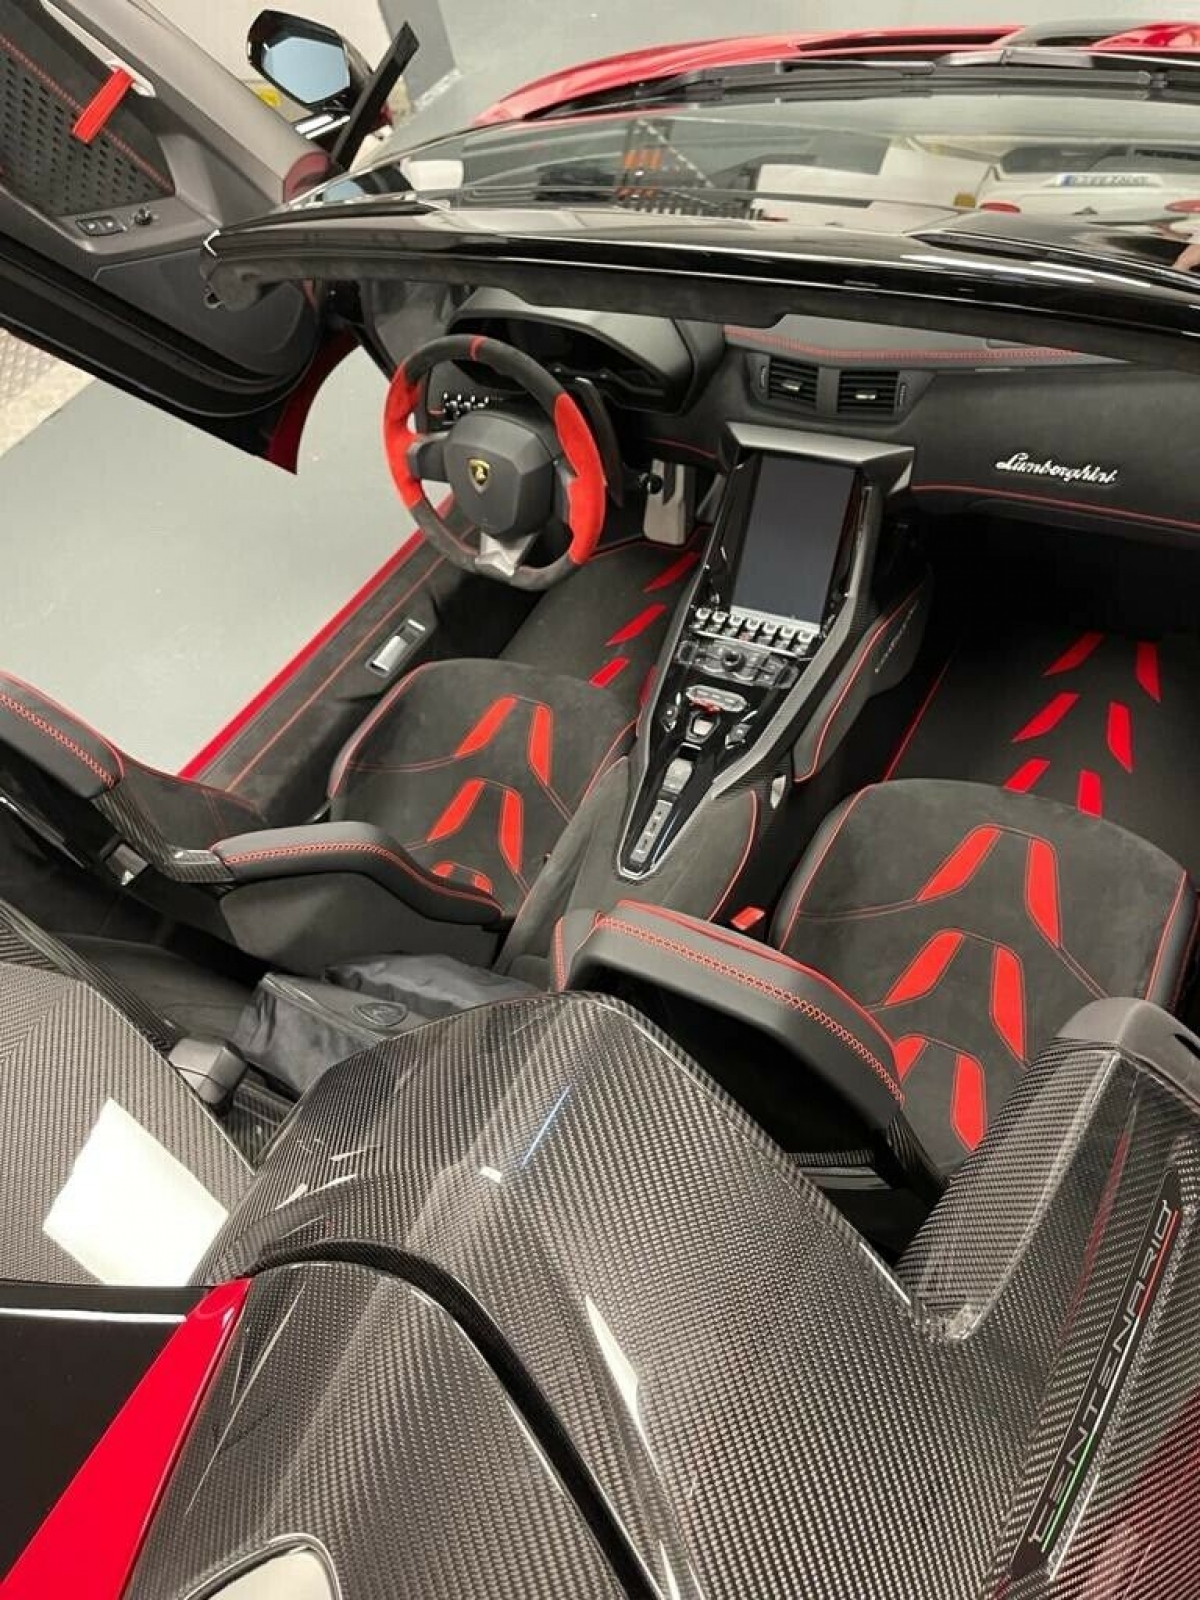 Hiện tại, chiếc Centenario Roadster này đang được rao bán với giá 5,5 triệu USD (khoảng 126 tỷ đồng), cao hơn nhiều so với những chiếc xe cùng loại đang được rao bán trên thị trường. Qua tìm hiểu Lamborghini Centenario Roadster có giá bán lại trên thị trường xe lướt từ khoảng 3 - 4,5 triệu USD.